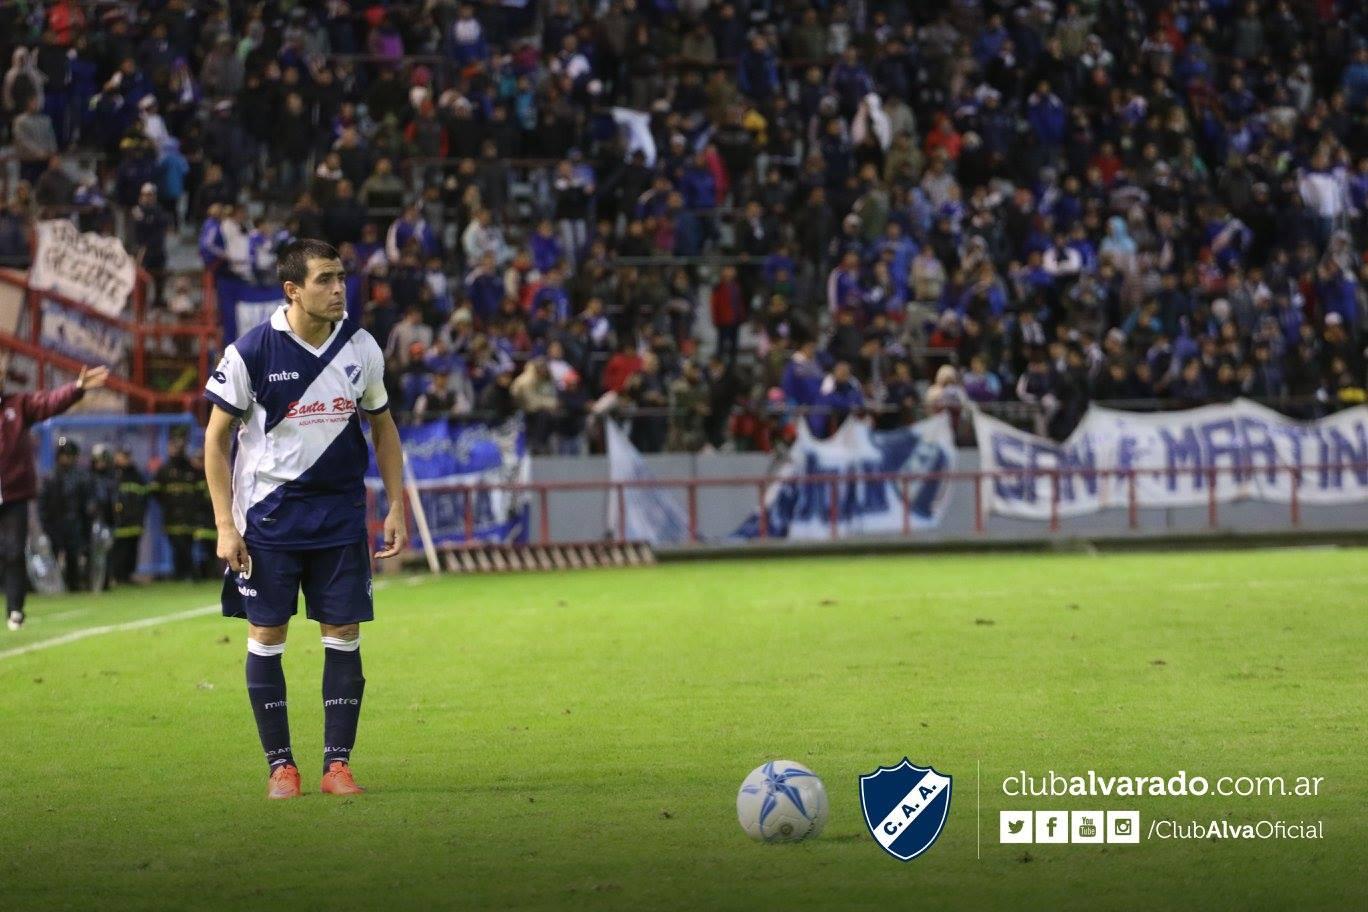 Ezequiel Ceballos no viajará con el equipo. (Foto: Florencia Arroyos - Alvarado)